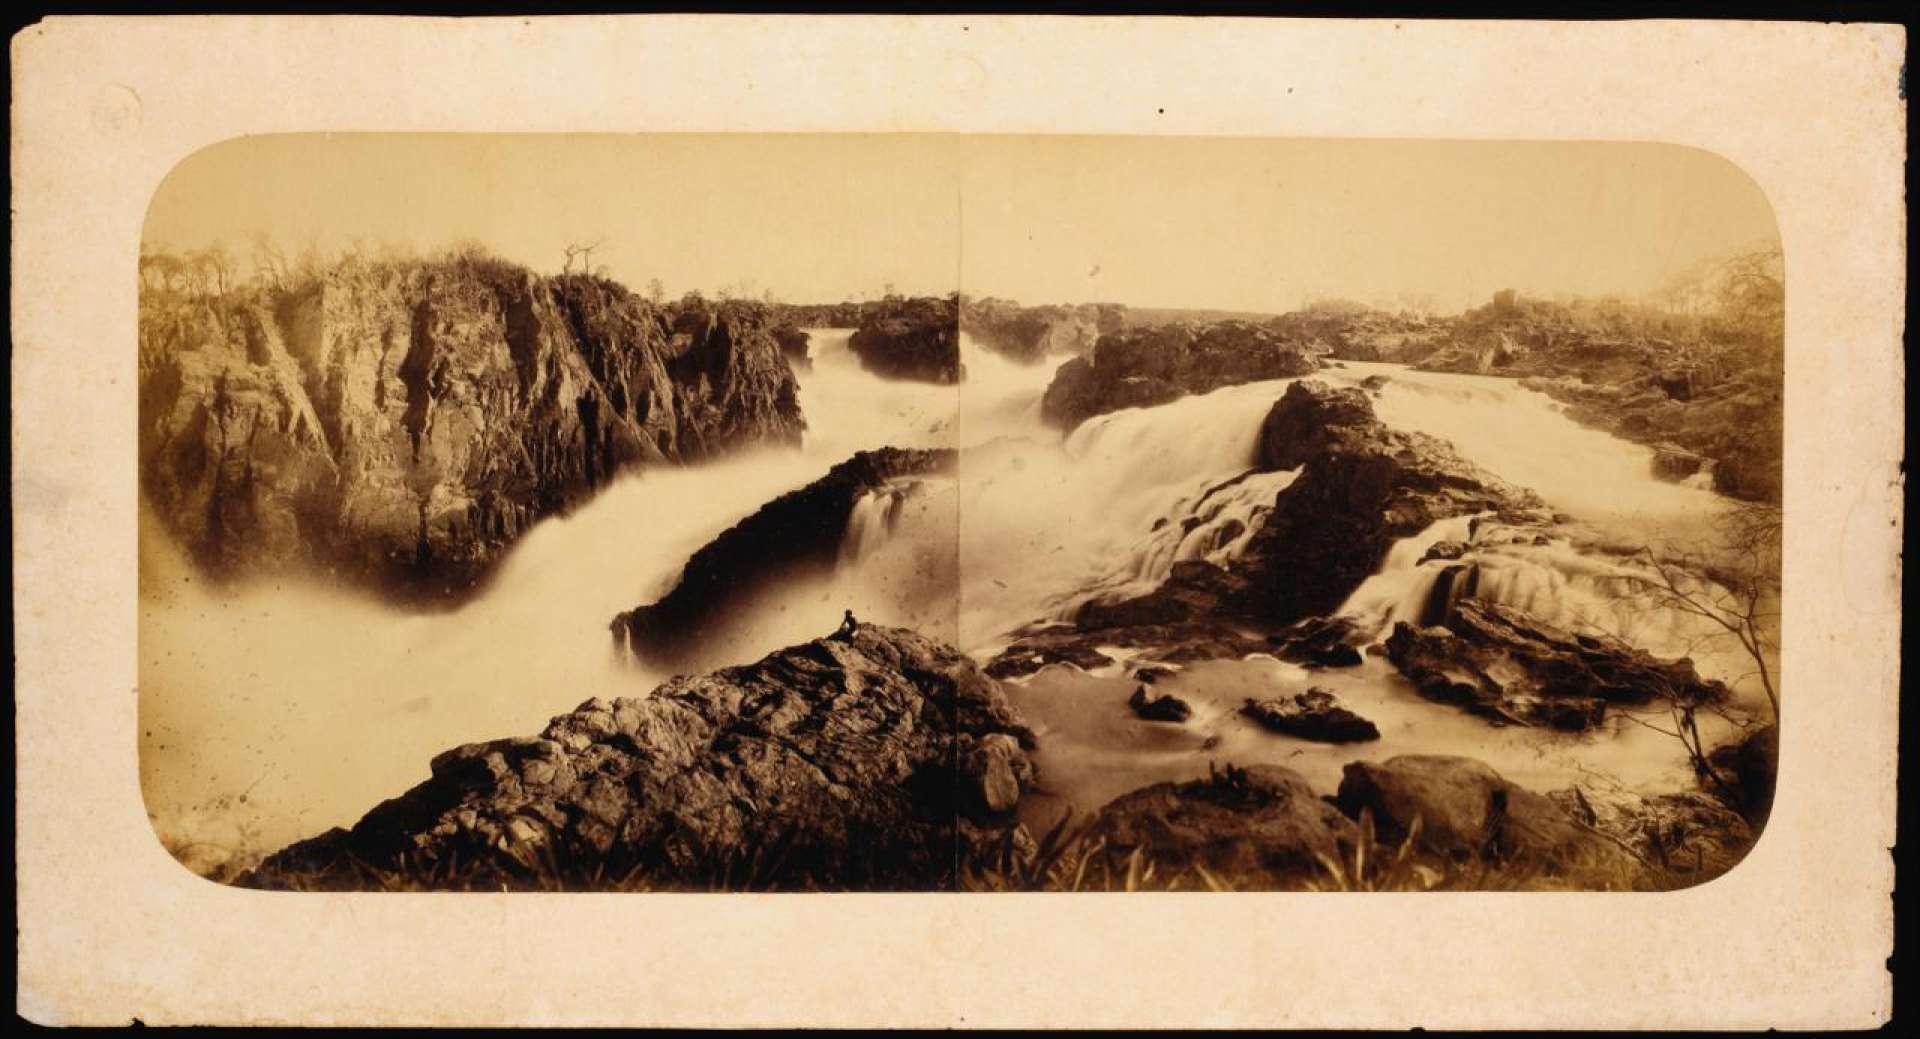 Após alguns estudos, os deputados perceberam que a canalização não era tão simples. O rio São Francisco era cheio de obstáculos, com a cachoeira de Paulo Afonso sendo a principal delas.